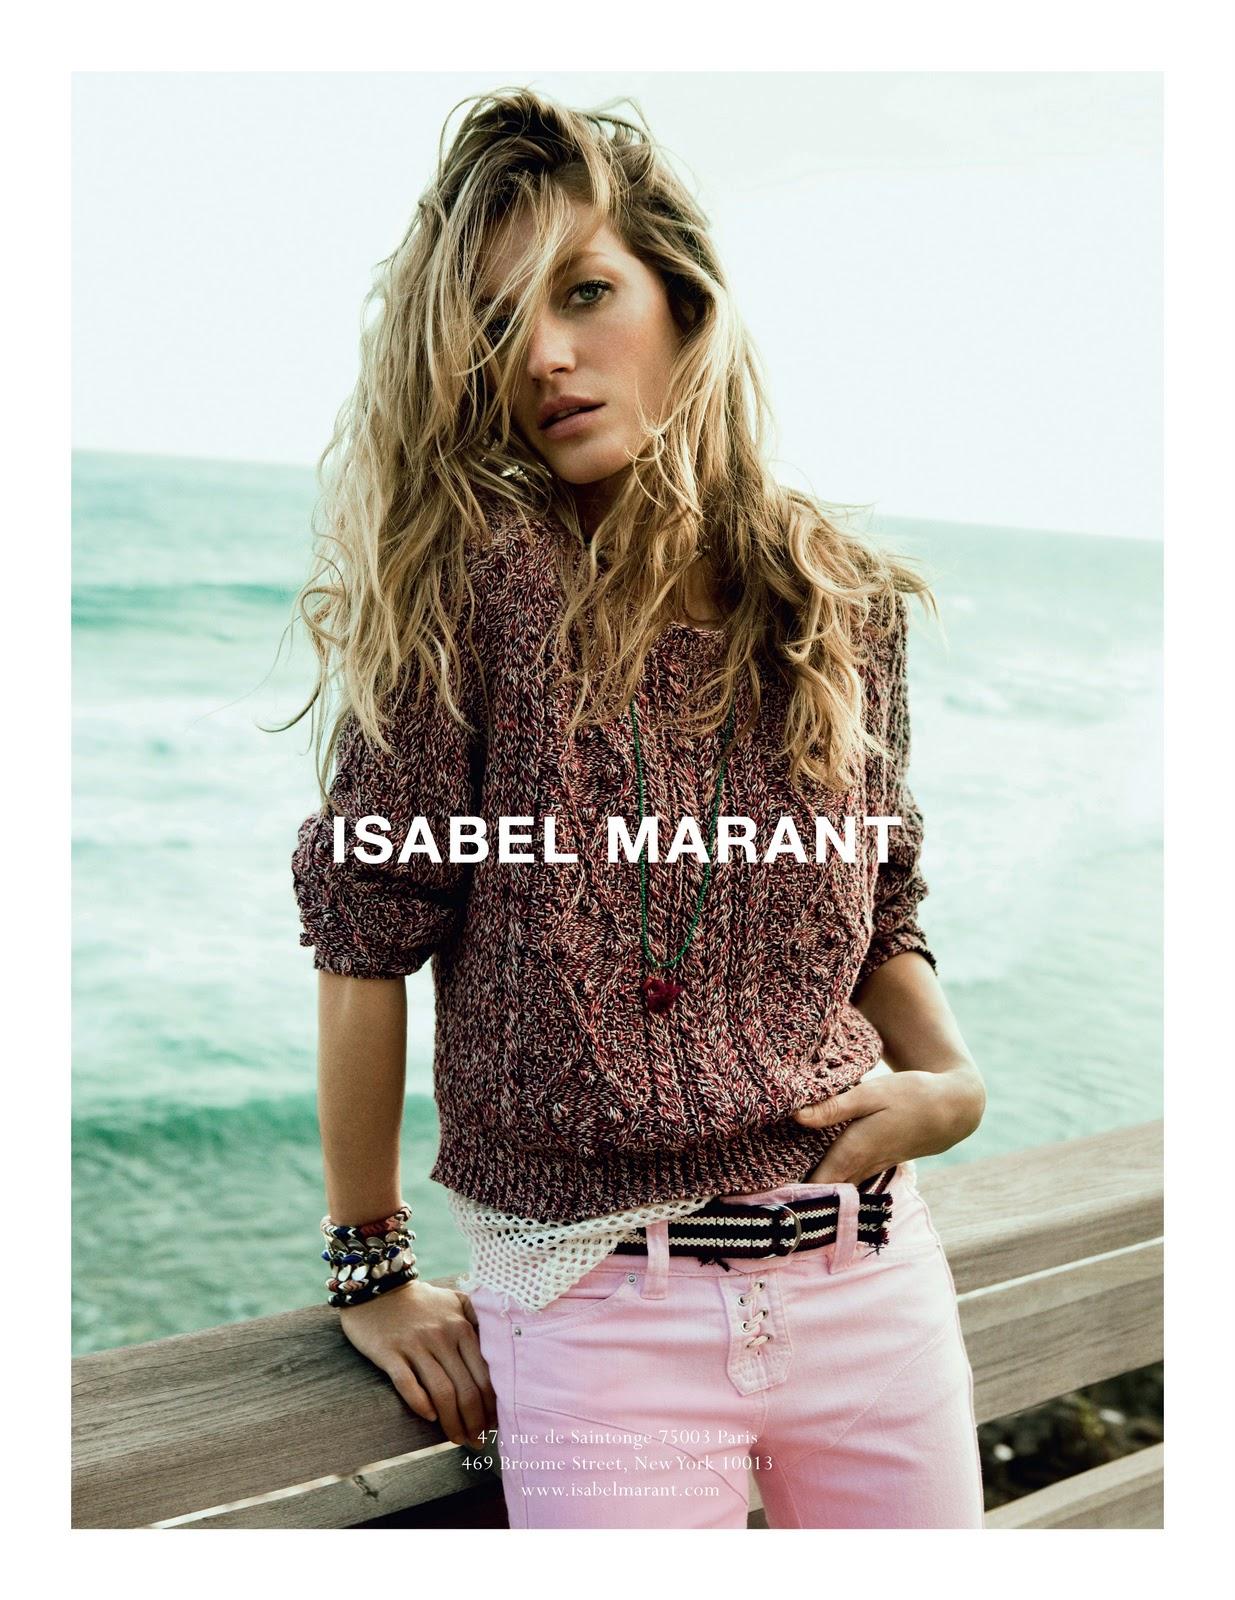 http://3.bp.blogspot.com/-kL8ctl4T4ZM/TV_c1W4NchI/AAAAAAAAJGE/GYtK1Z_iPlk/s1600/Gisele+Bundchen+%2528Isabel+Marant+SS+2011%2529+HQ.jpg